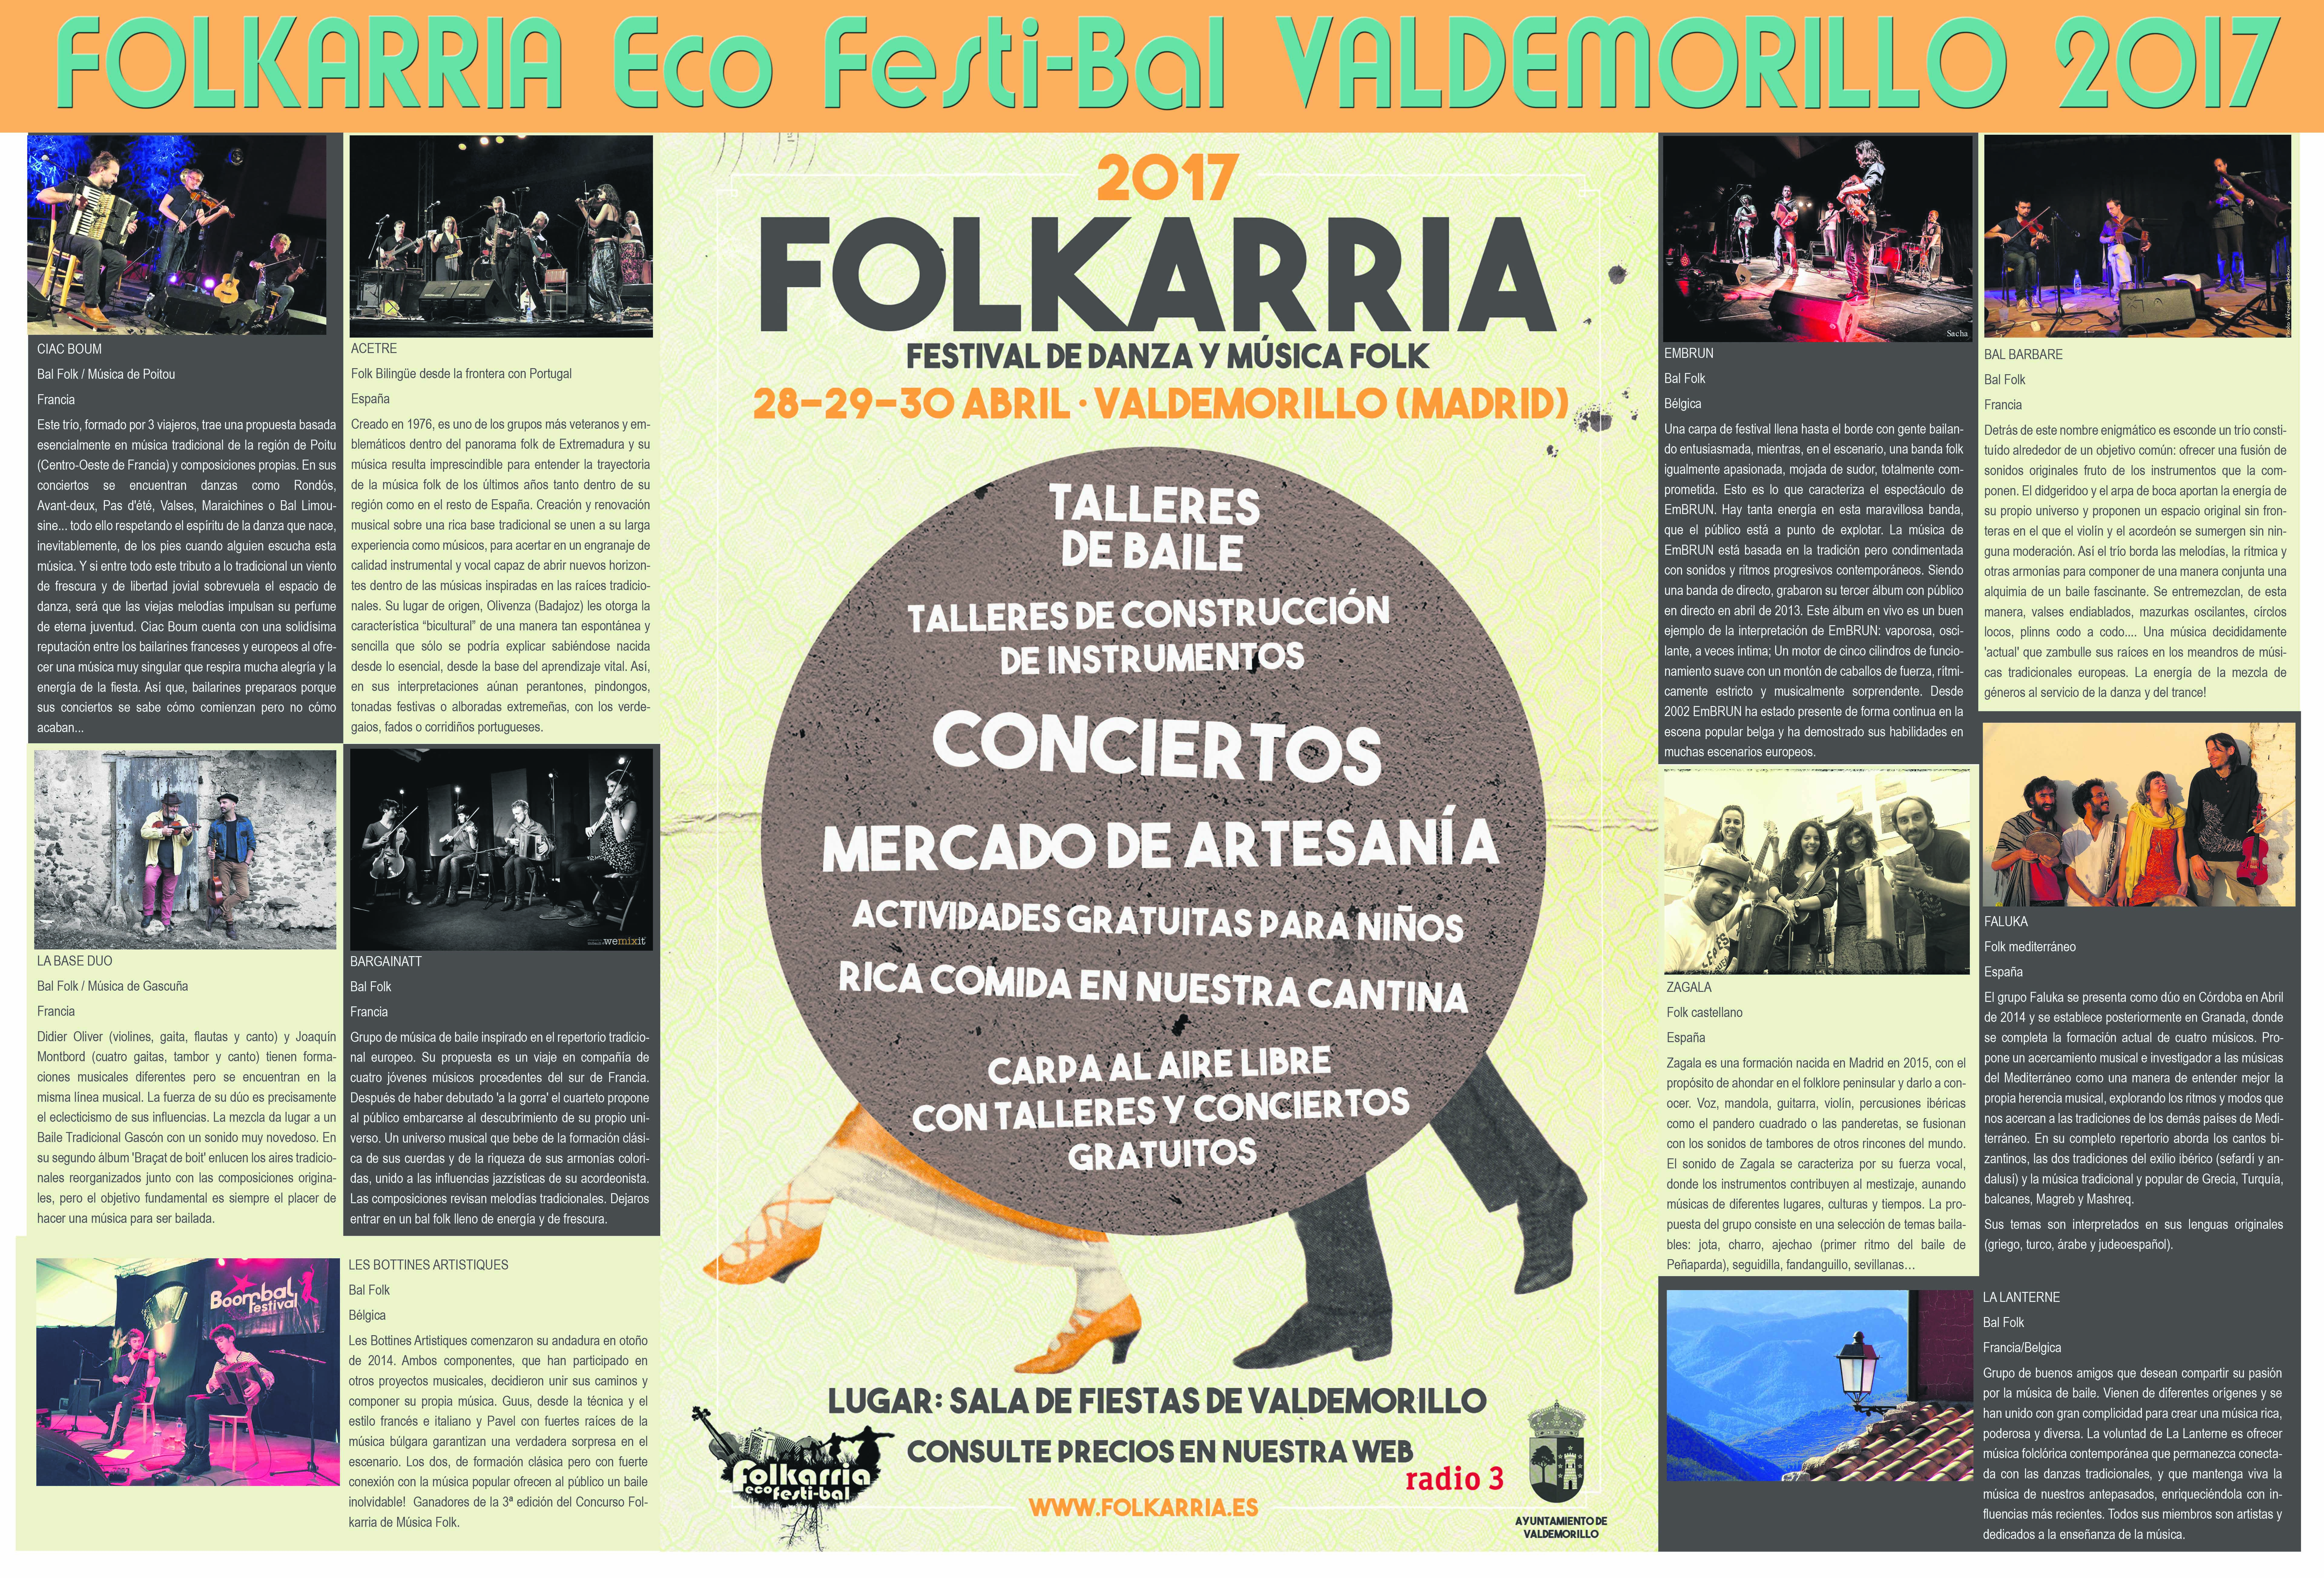 FOLKARRIA 2017 (1)